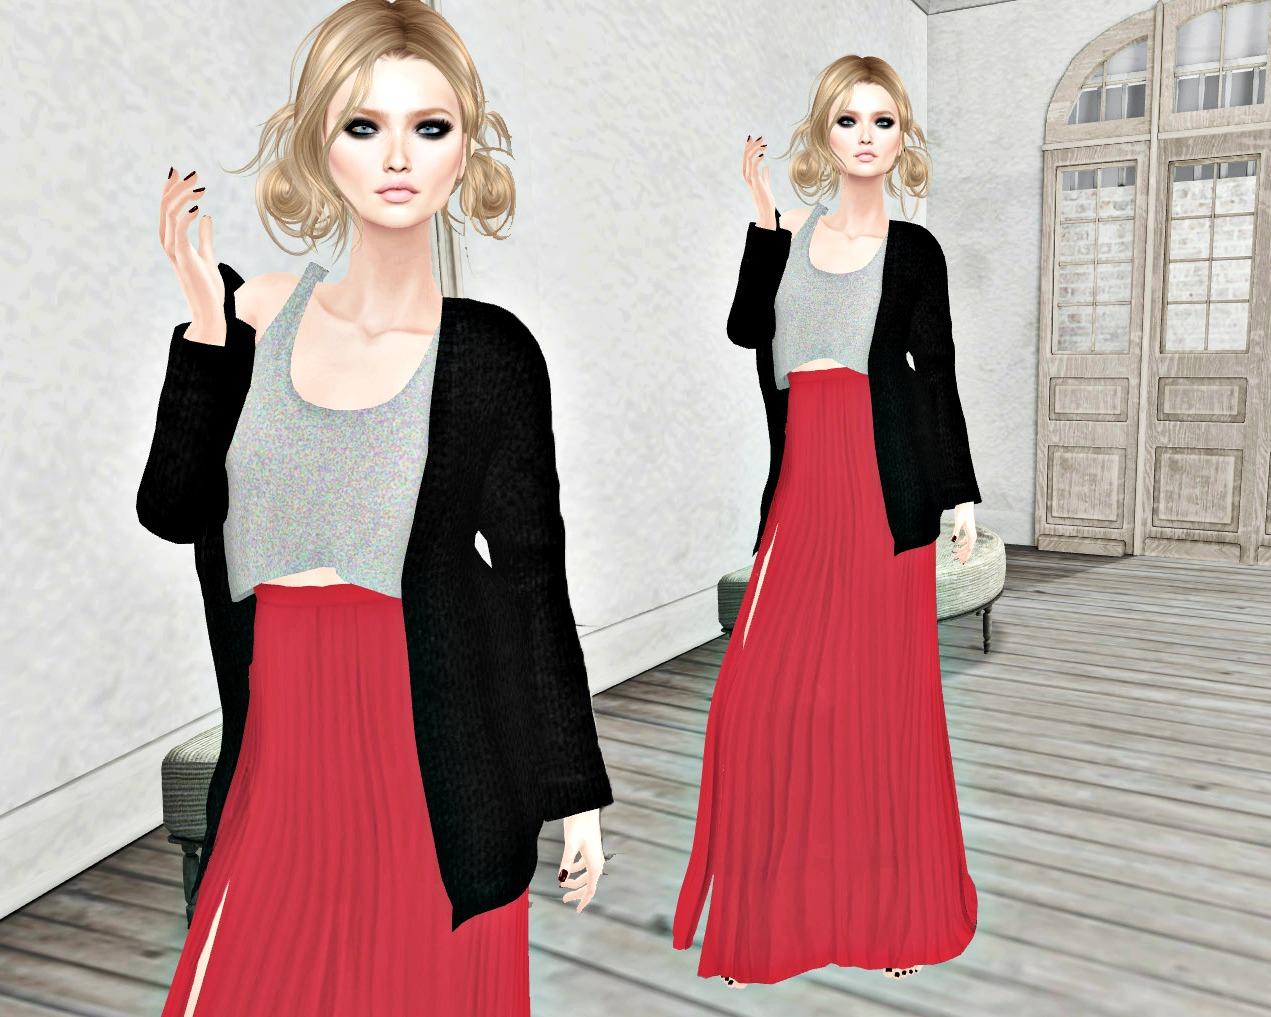 Dress Designer Coral Gables